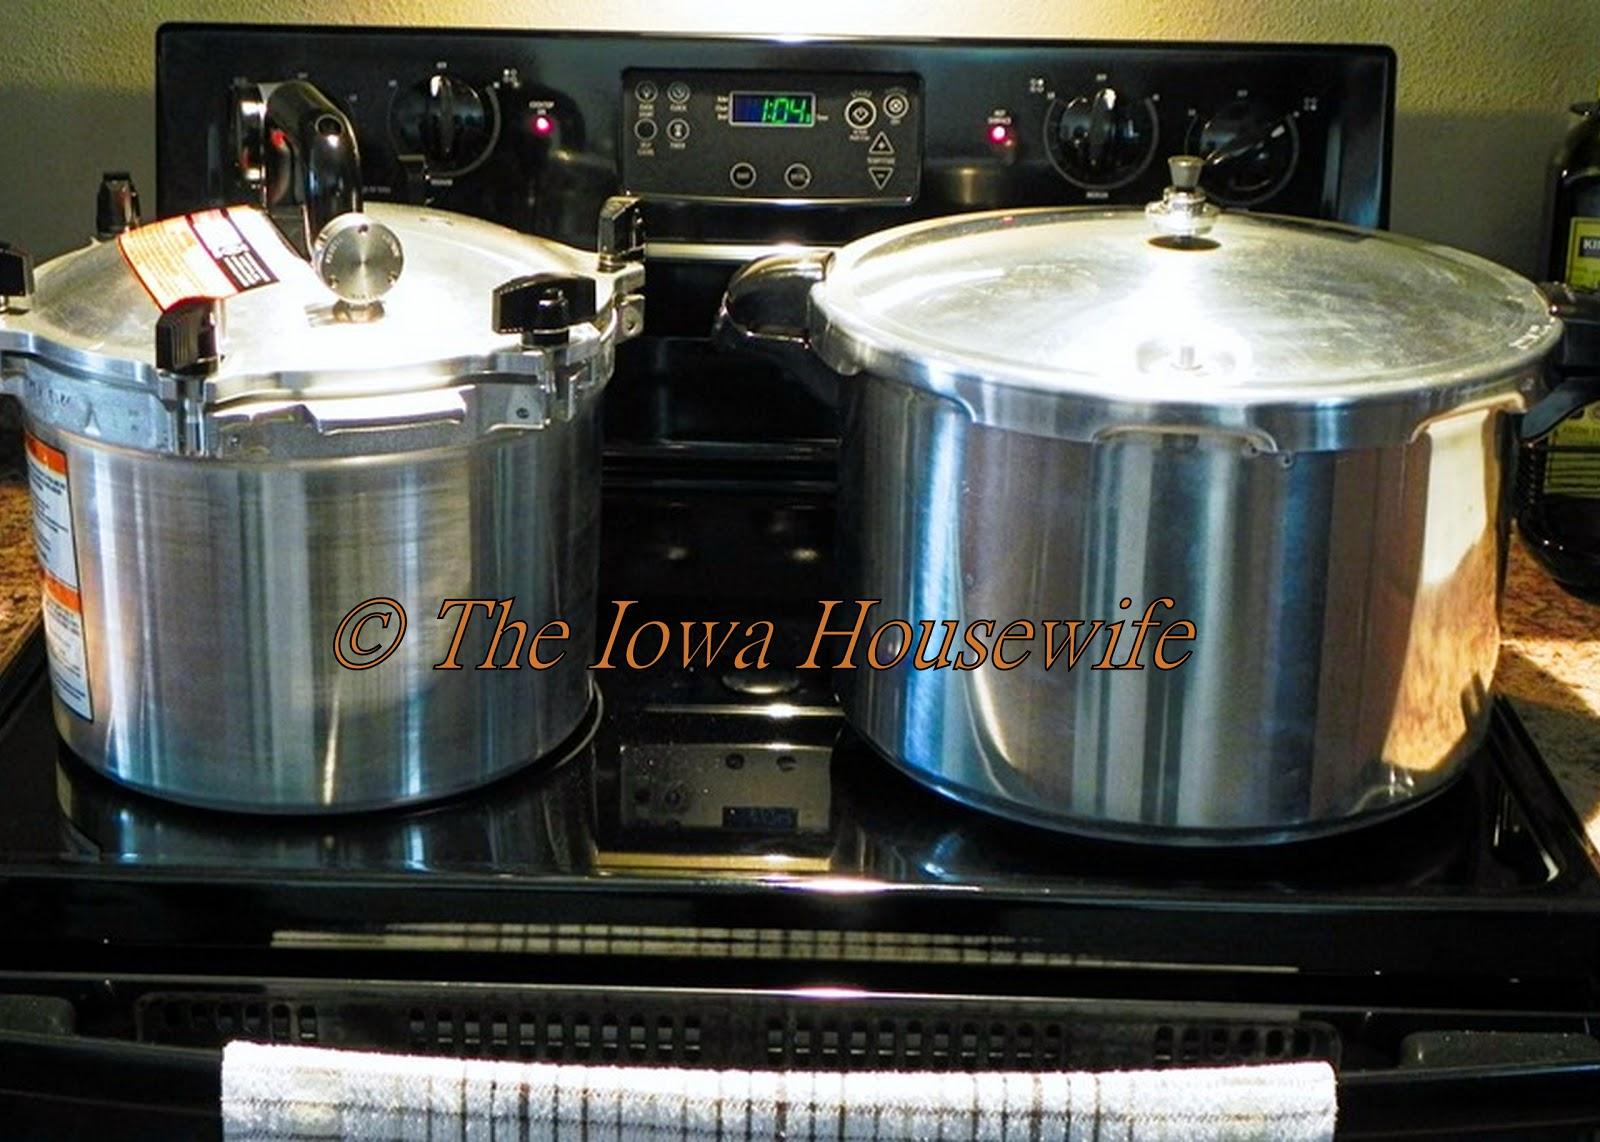 The Iowa Housewife Choosing A Pressure Canner